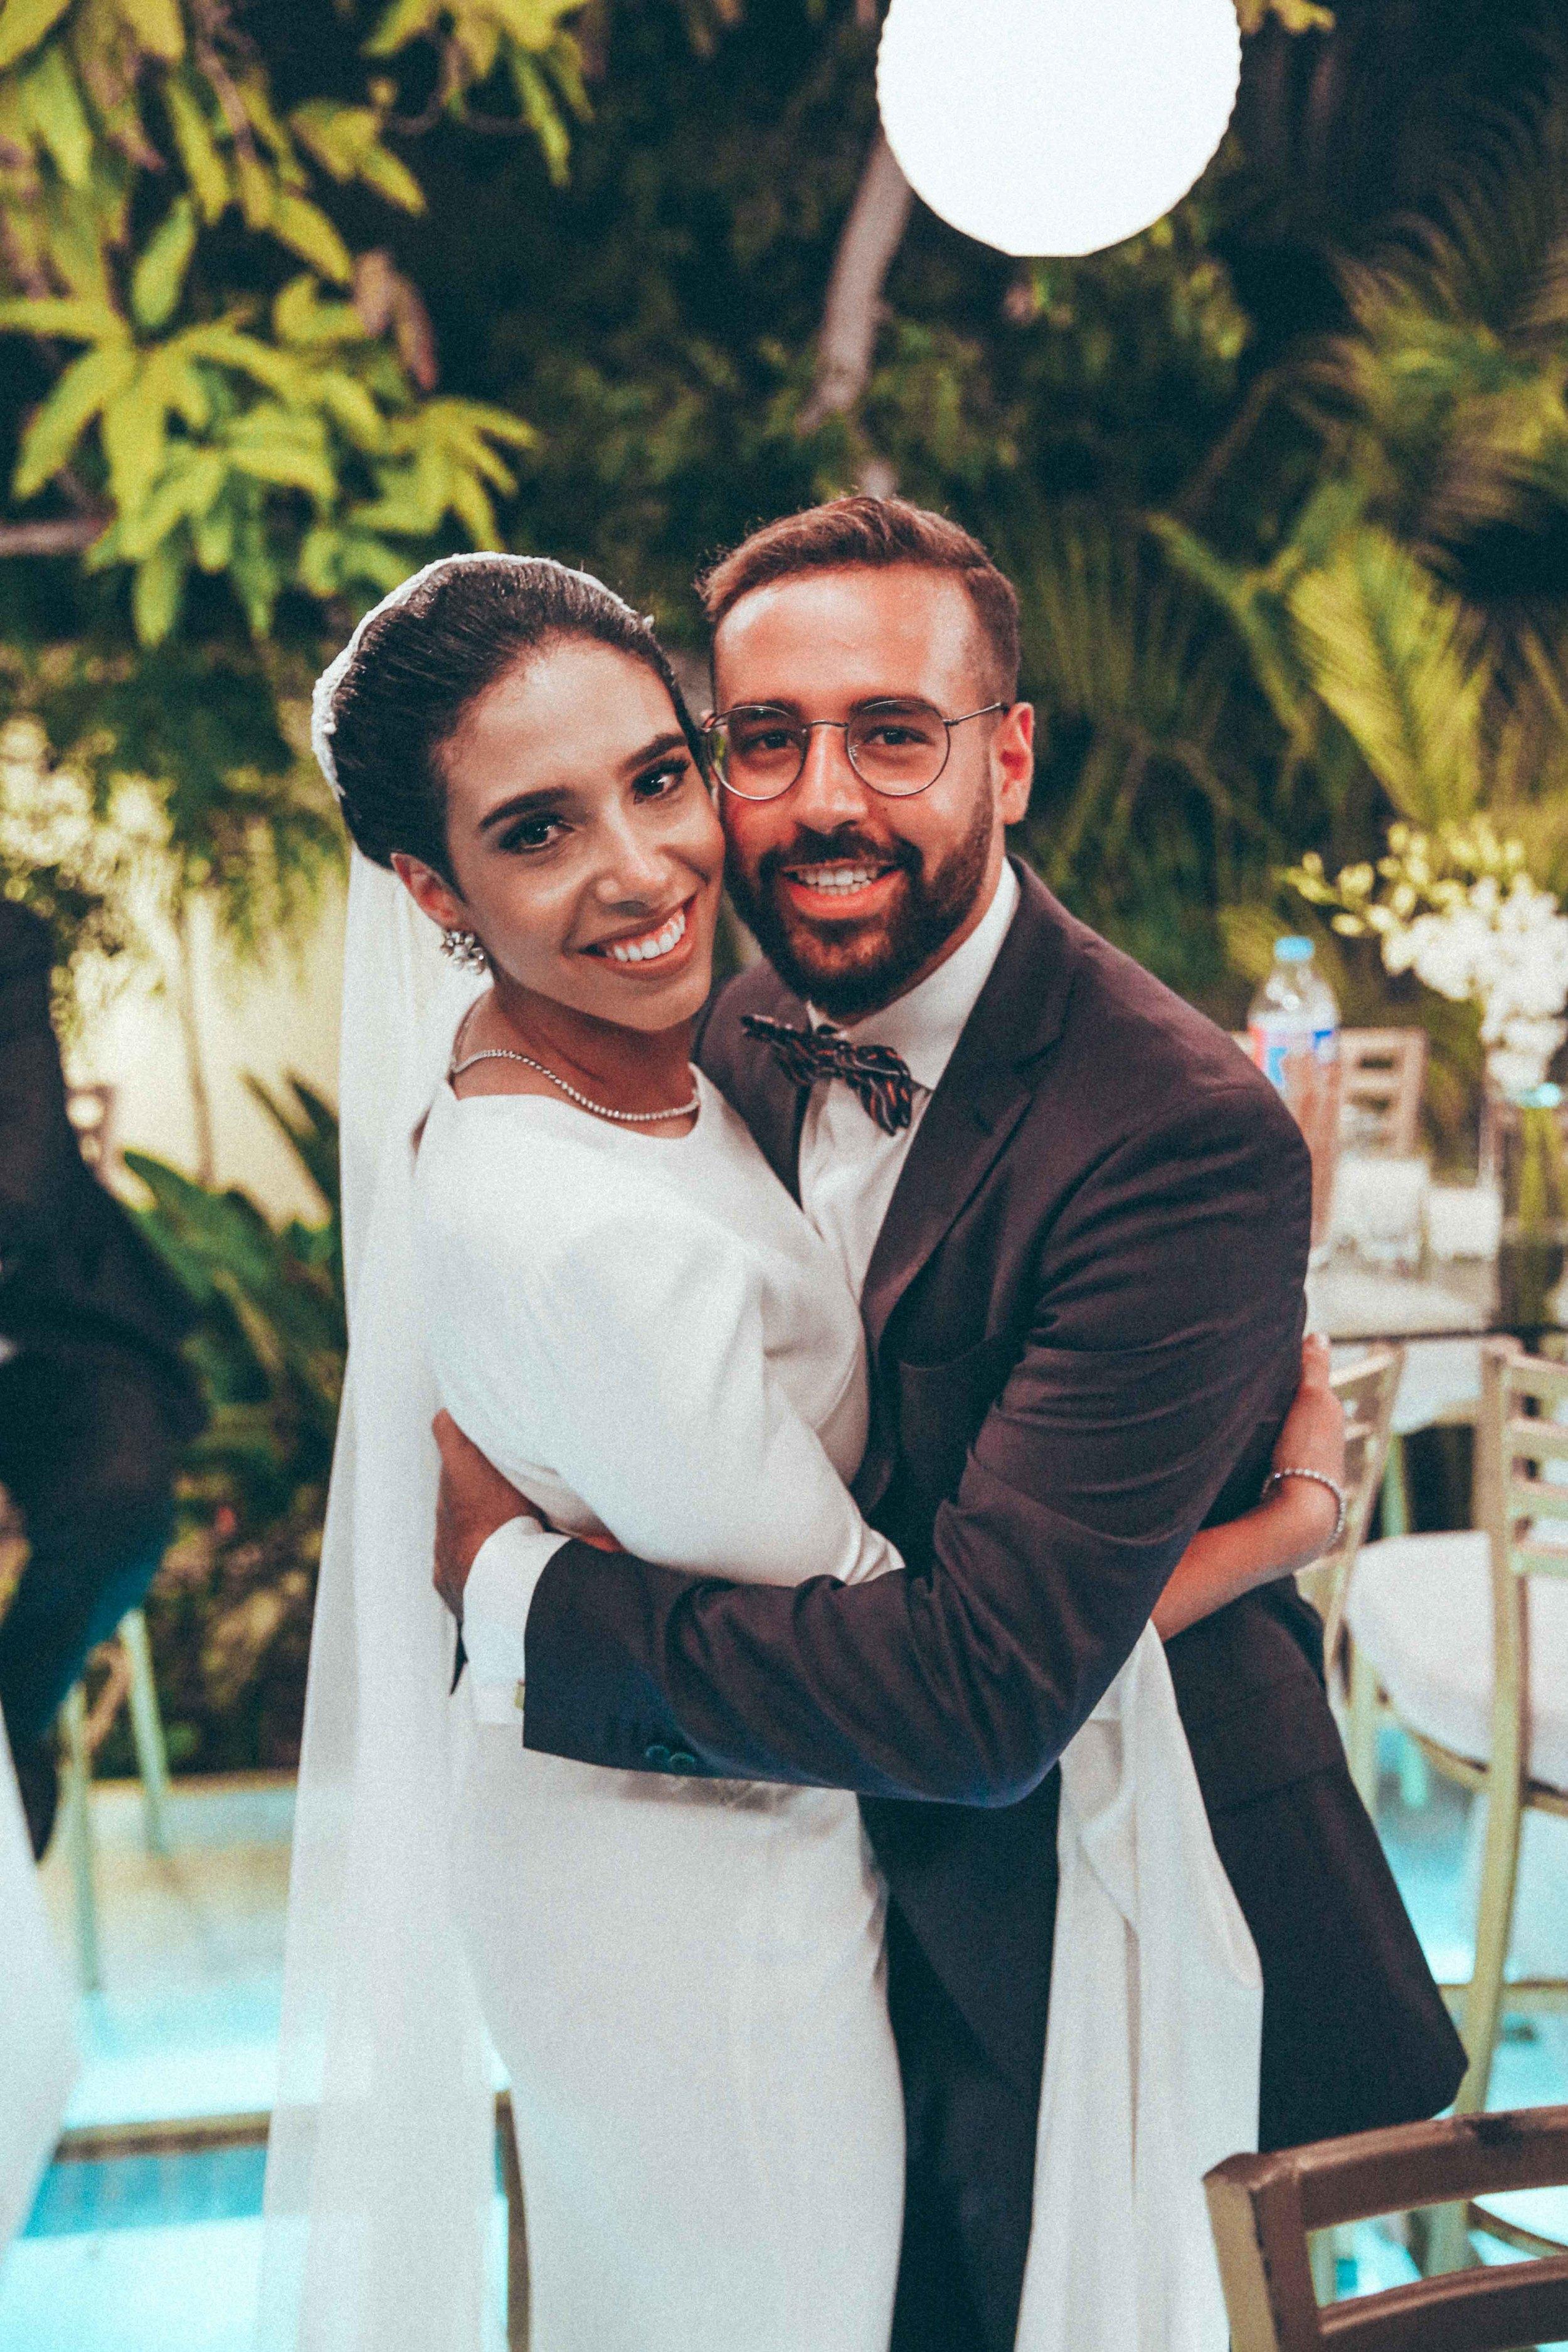 wedding-3183.jpg